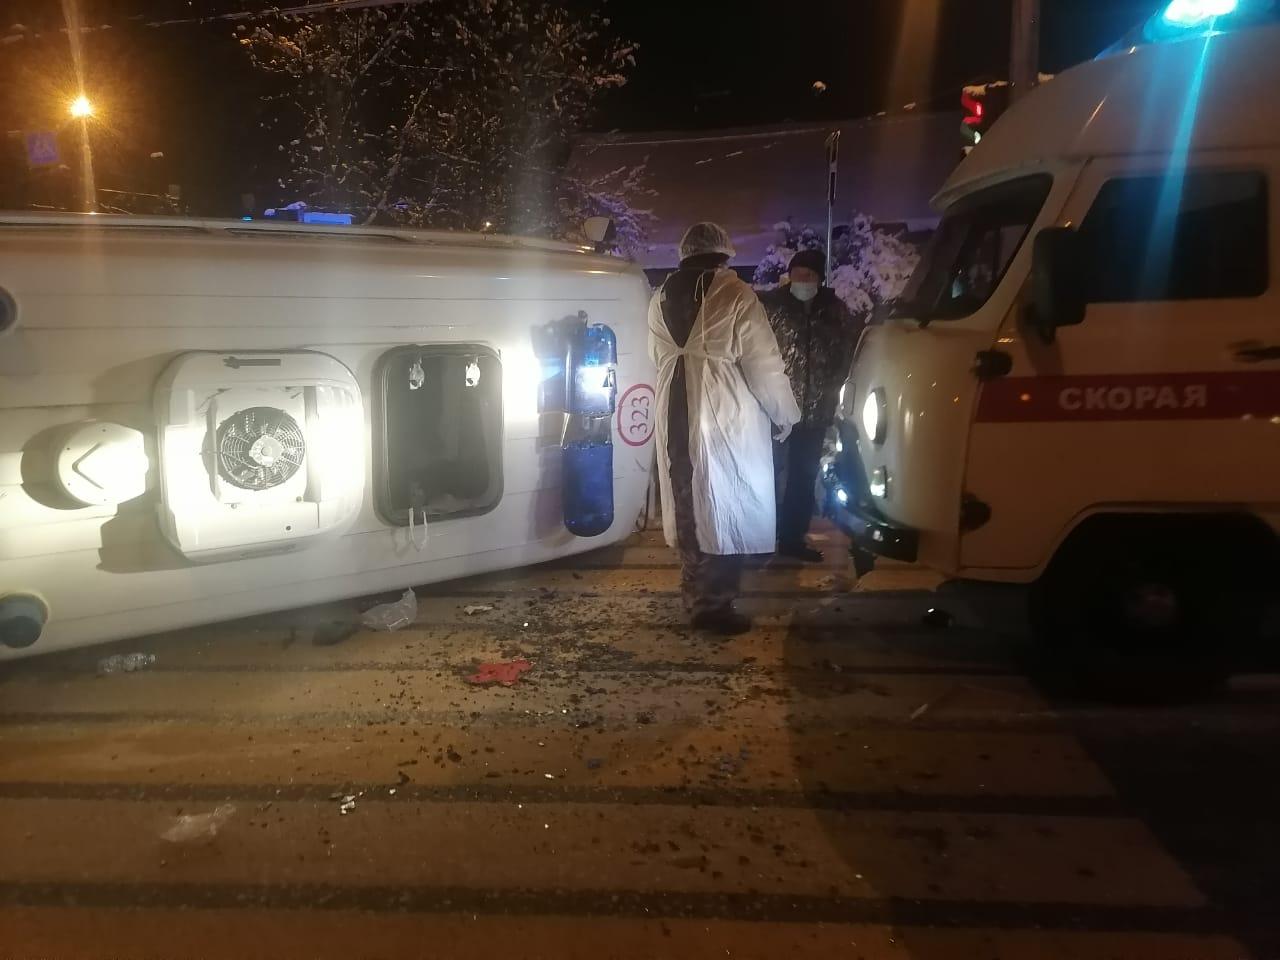 Три человека получили травмы в ДТП с машиной скорой помощи в Твери - новости Афанасий